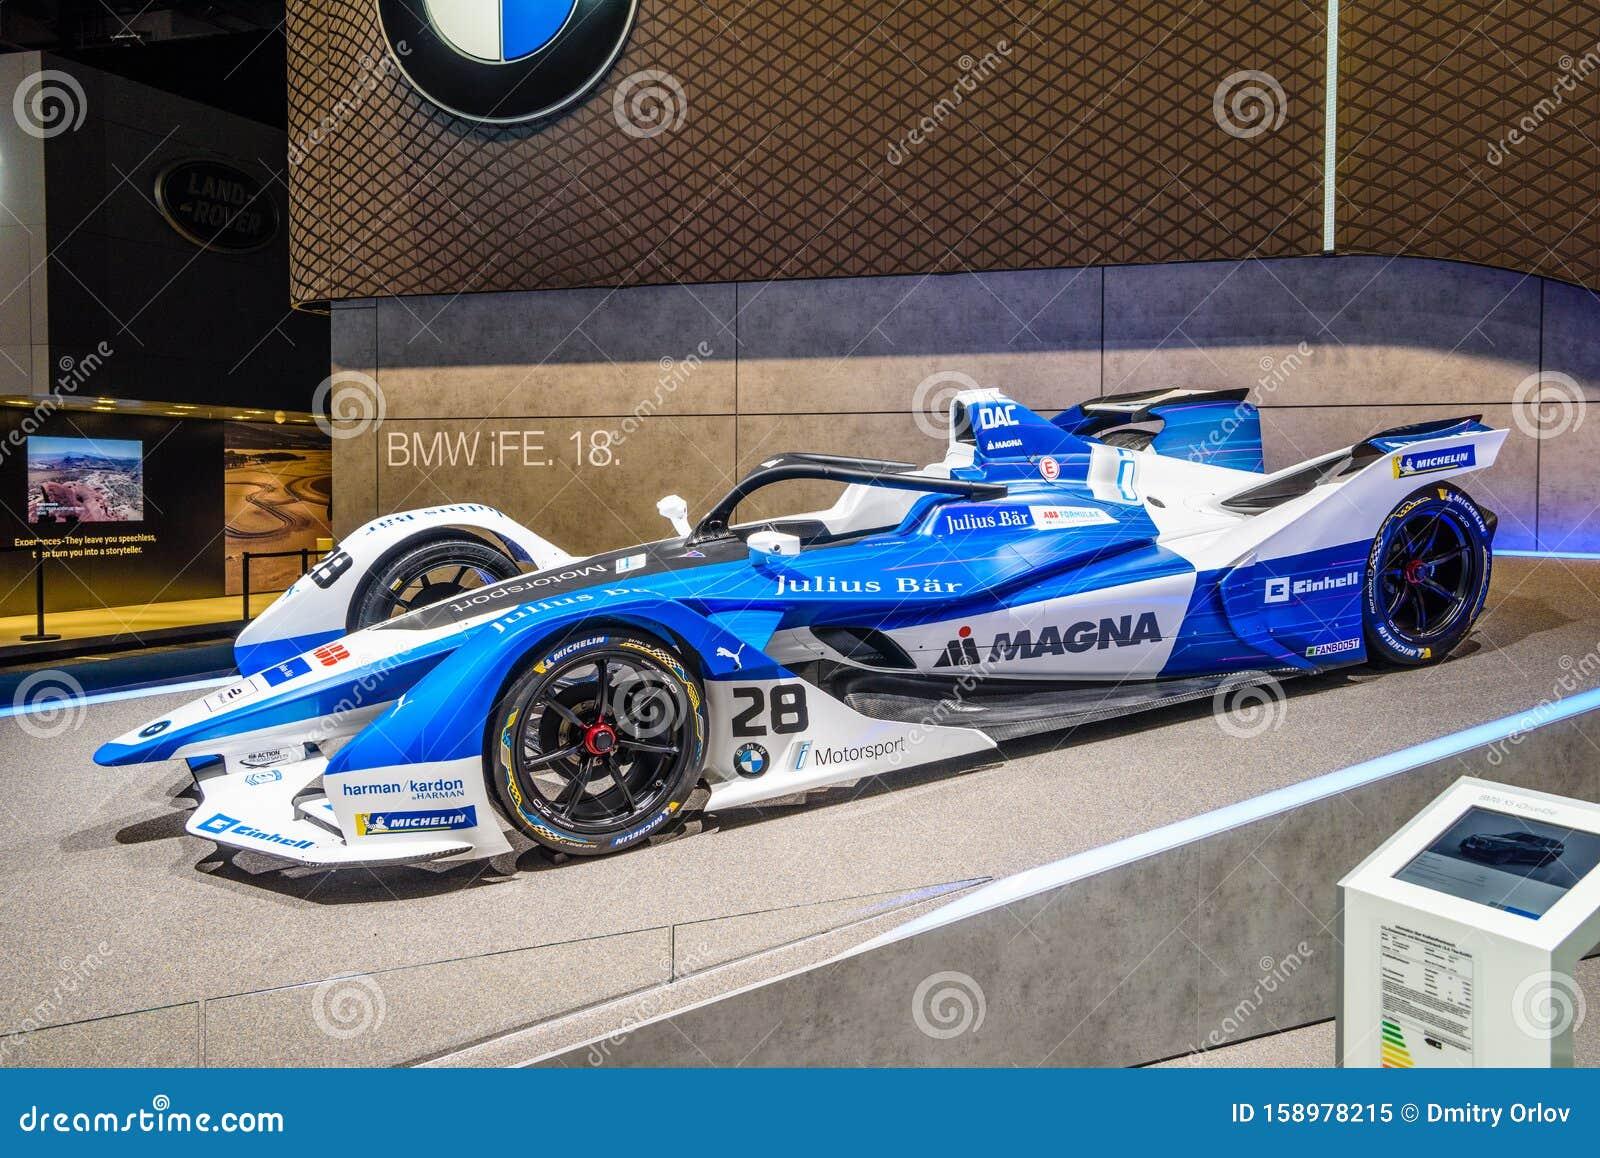 frankfurt deutschland  sept 2019 blauer bmw ife 18